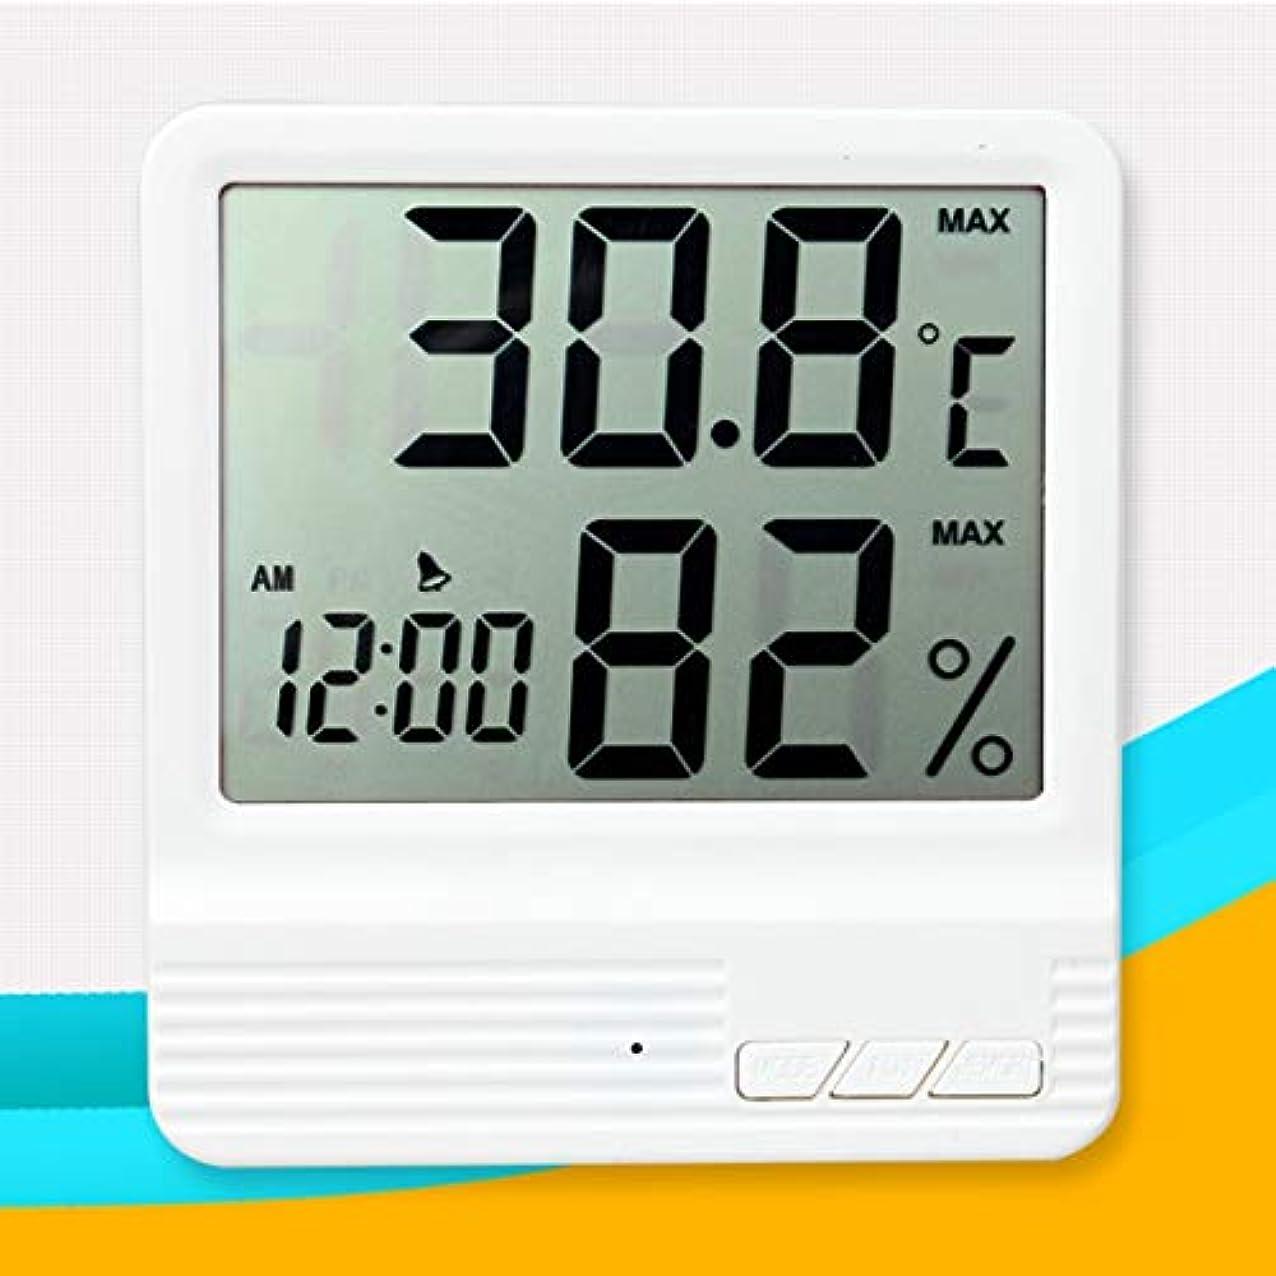 頑固な億マントルSaikogoods 電子体温計湿度計 デジタルディスプレイ 温度湿度モニター アラーム時計 屋内家庭用 白